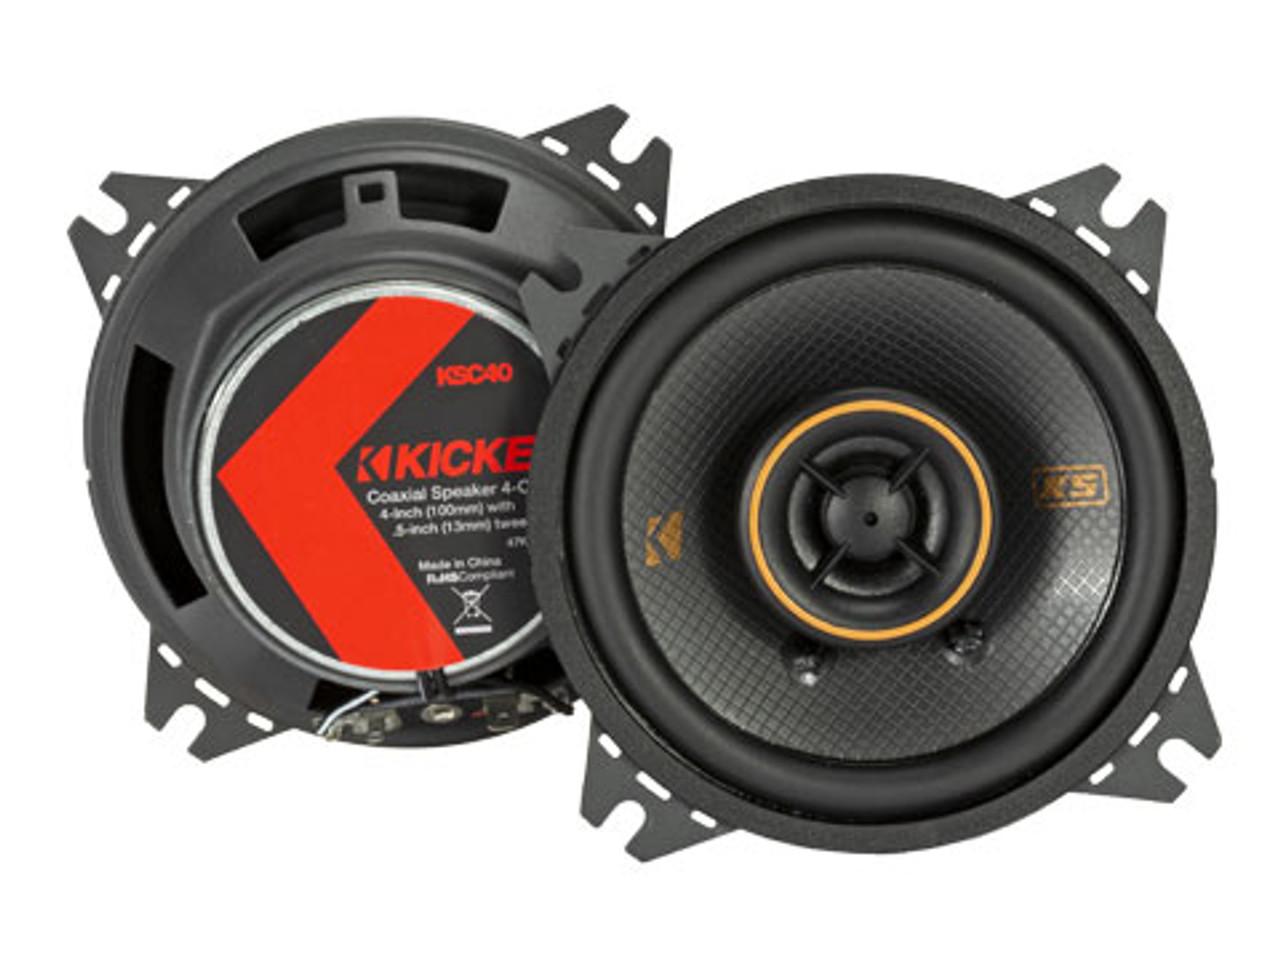 KICKER KSC404 COAXIAL SPEAKERS